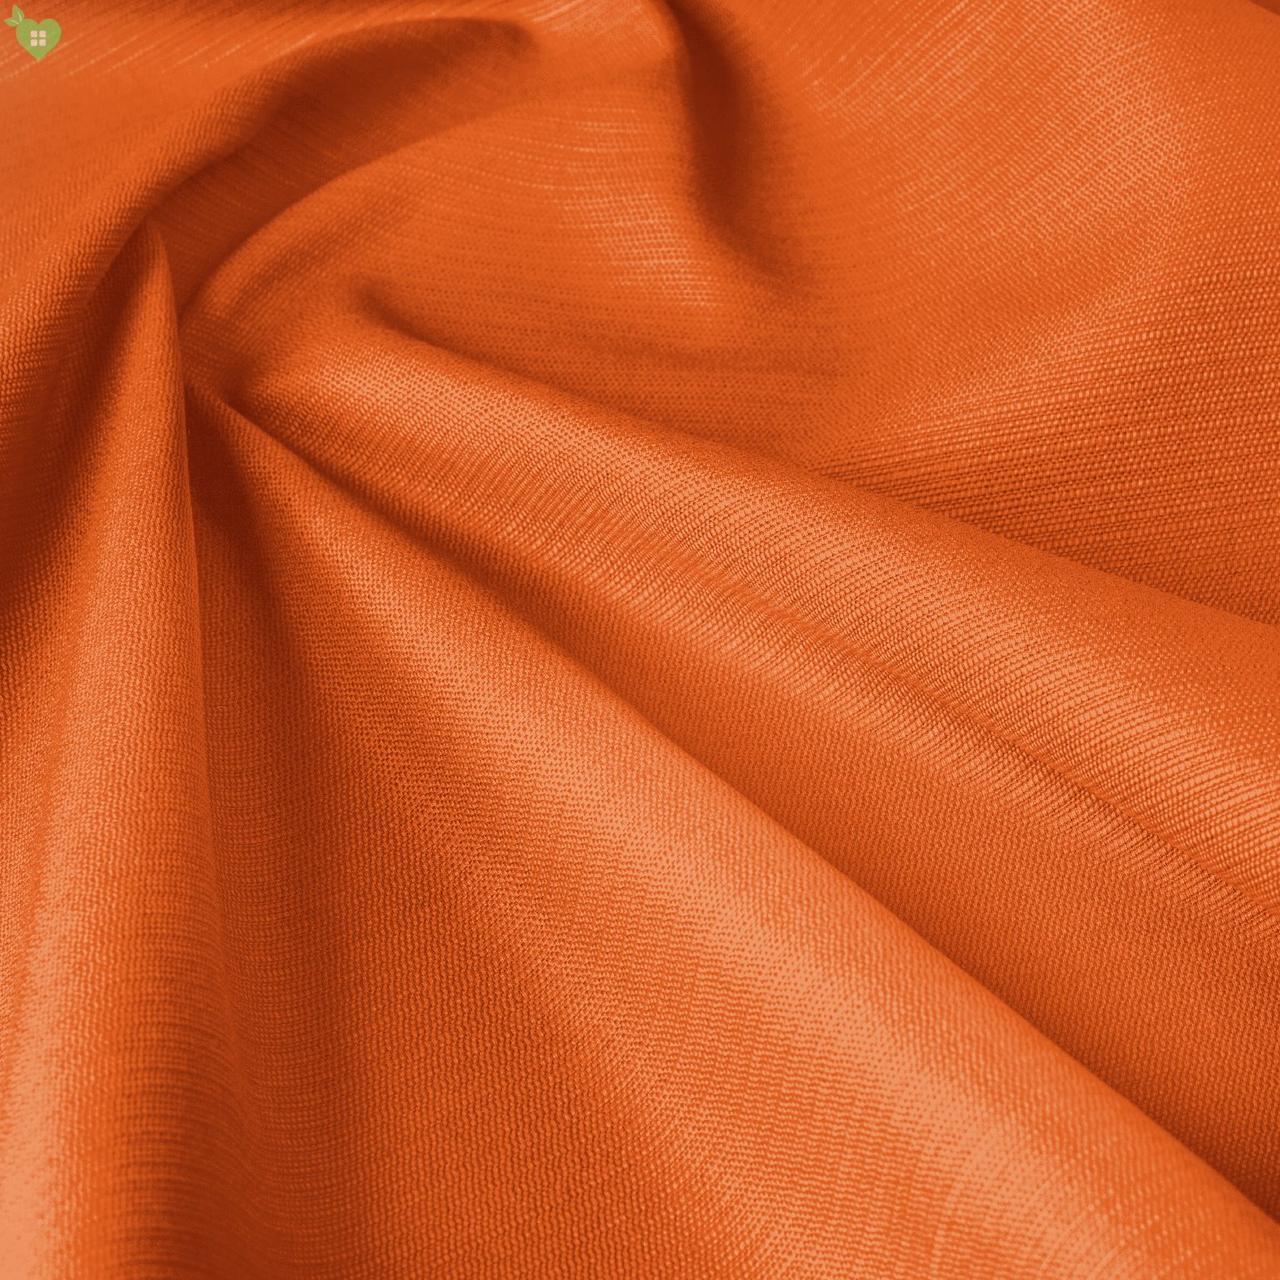 Уличная ткань с фактурой оранжевого цвета для павильона 84319v7